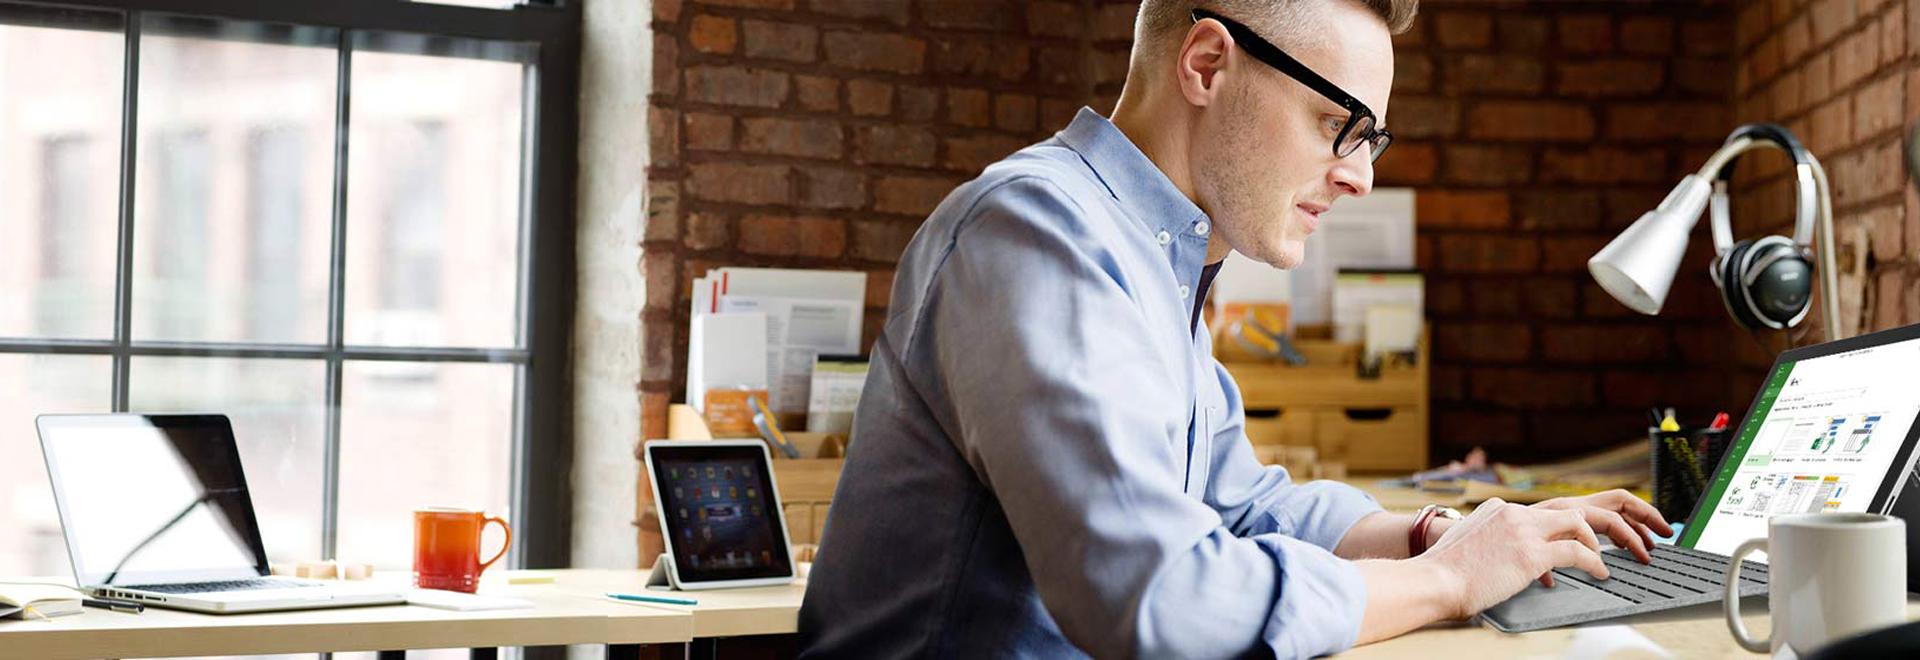 En mand, der sidder ved at skrivebord og arbejder med Microsoft Project på en Surface-tablet.